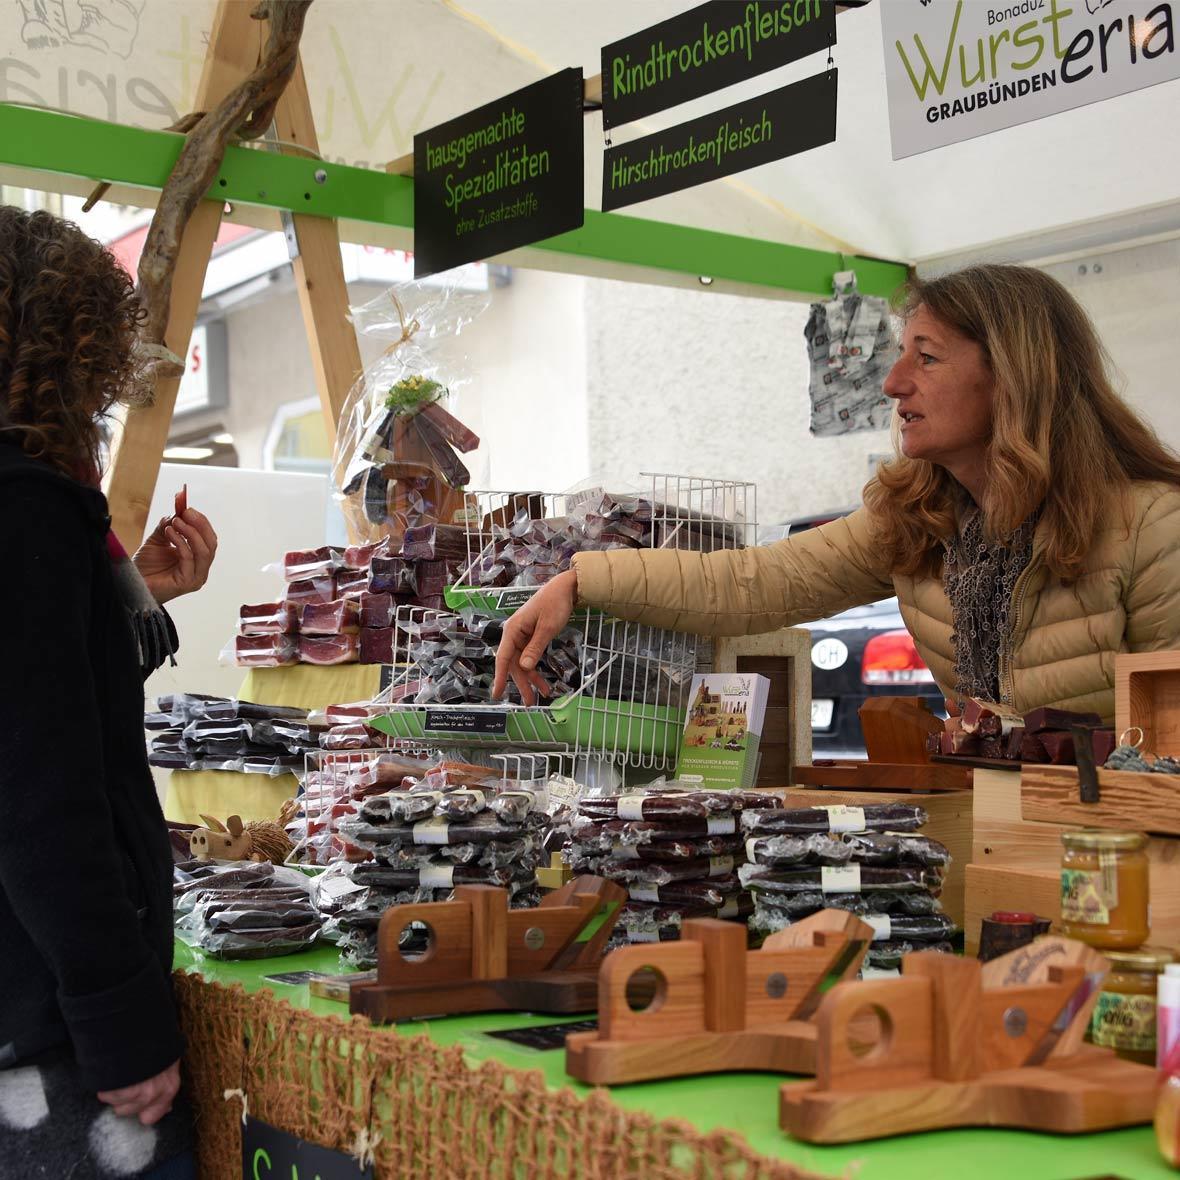 Wursteria Graubünden Marktstand